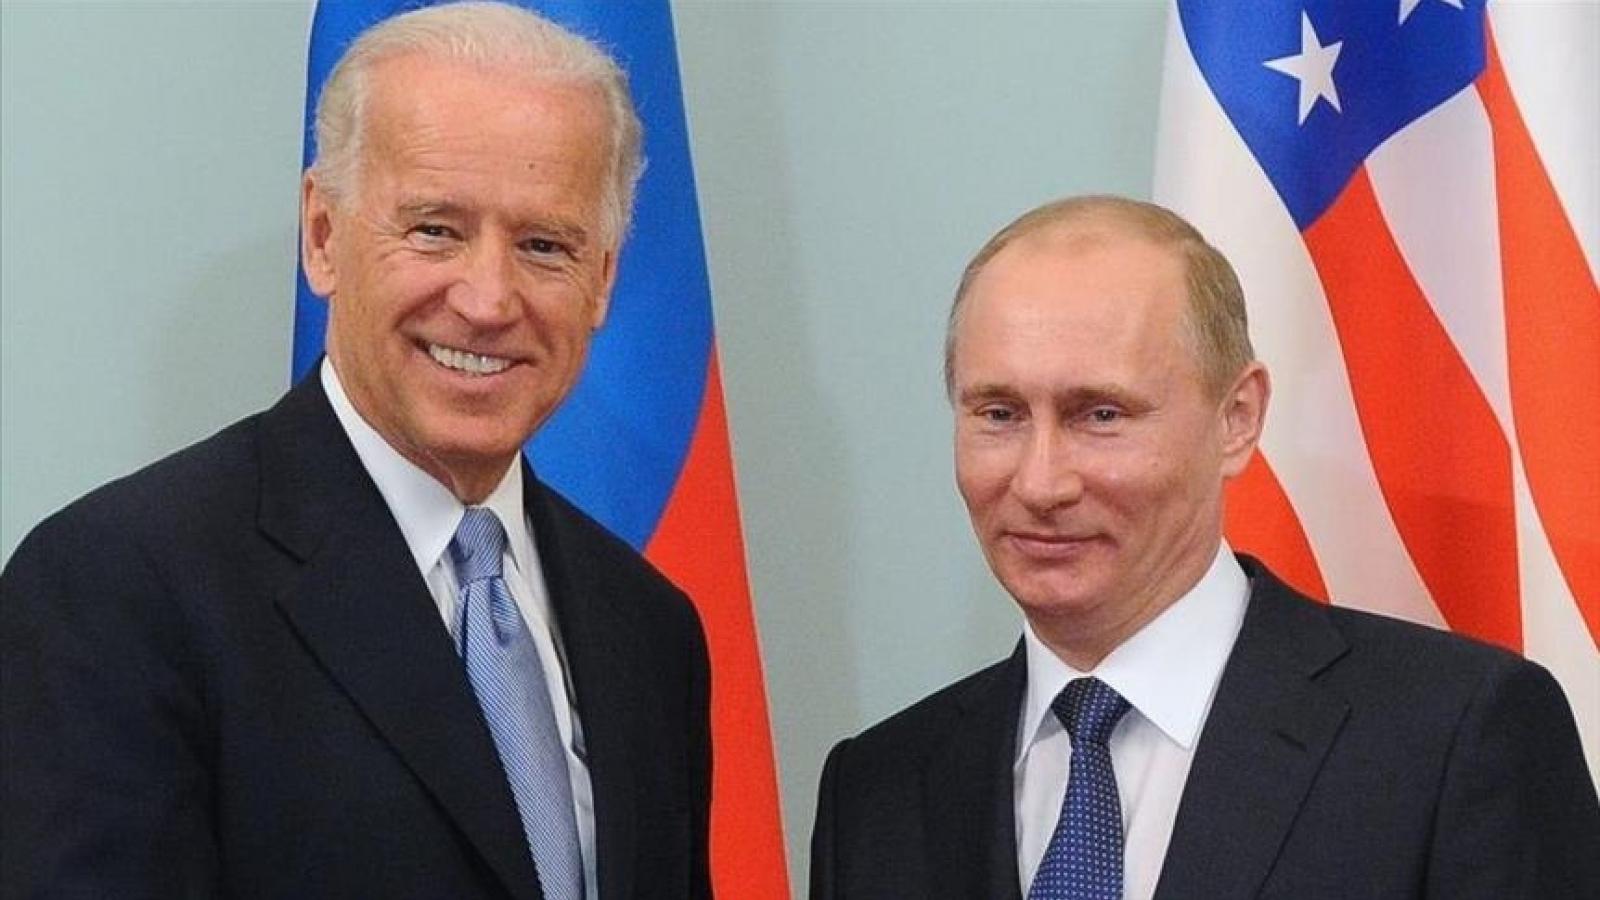 Những vấn đề gì sẽ được thảo luận tại thượng đỉnh Biden-Putin?